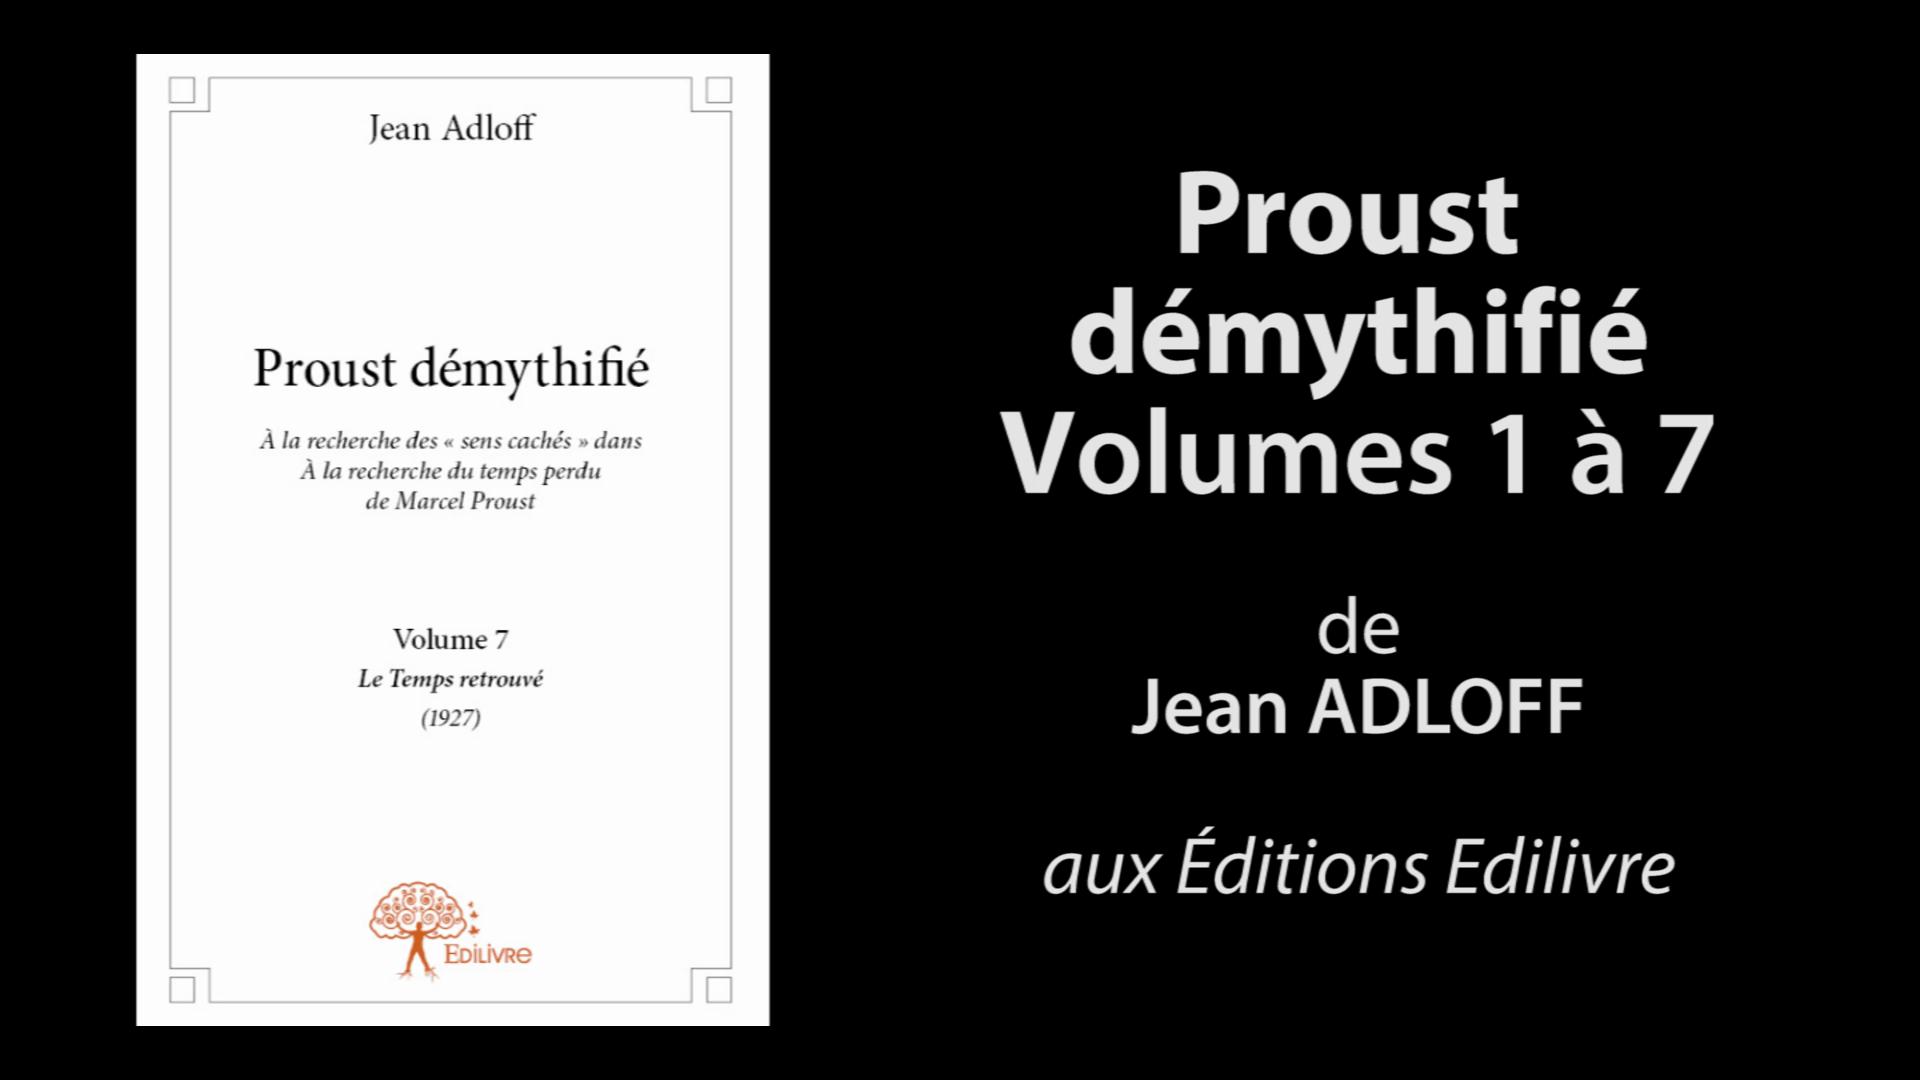 Bande_annonce_proust_demythifie_en_7_volumes_Edilivre